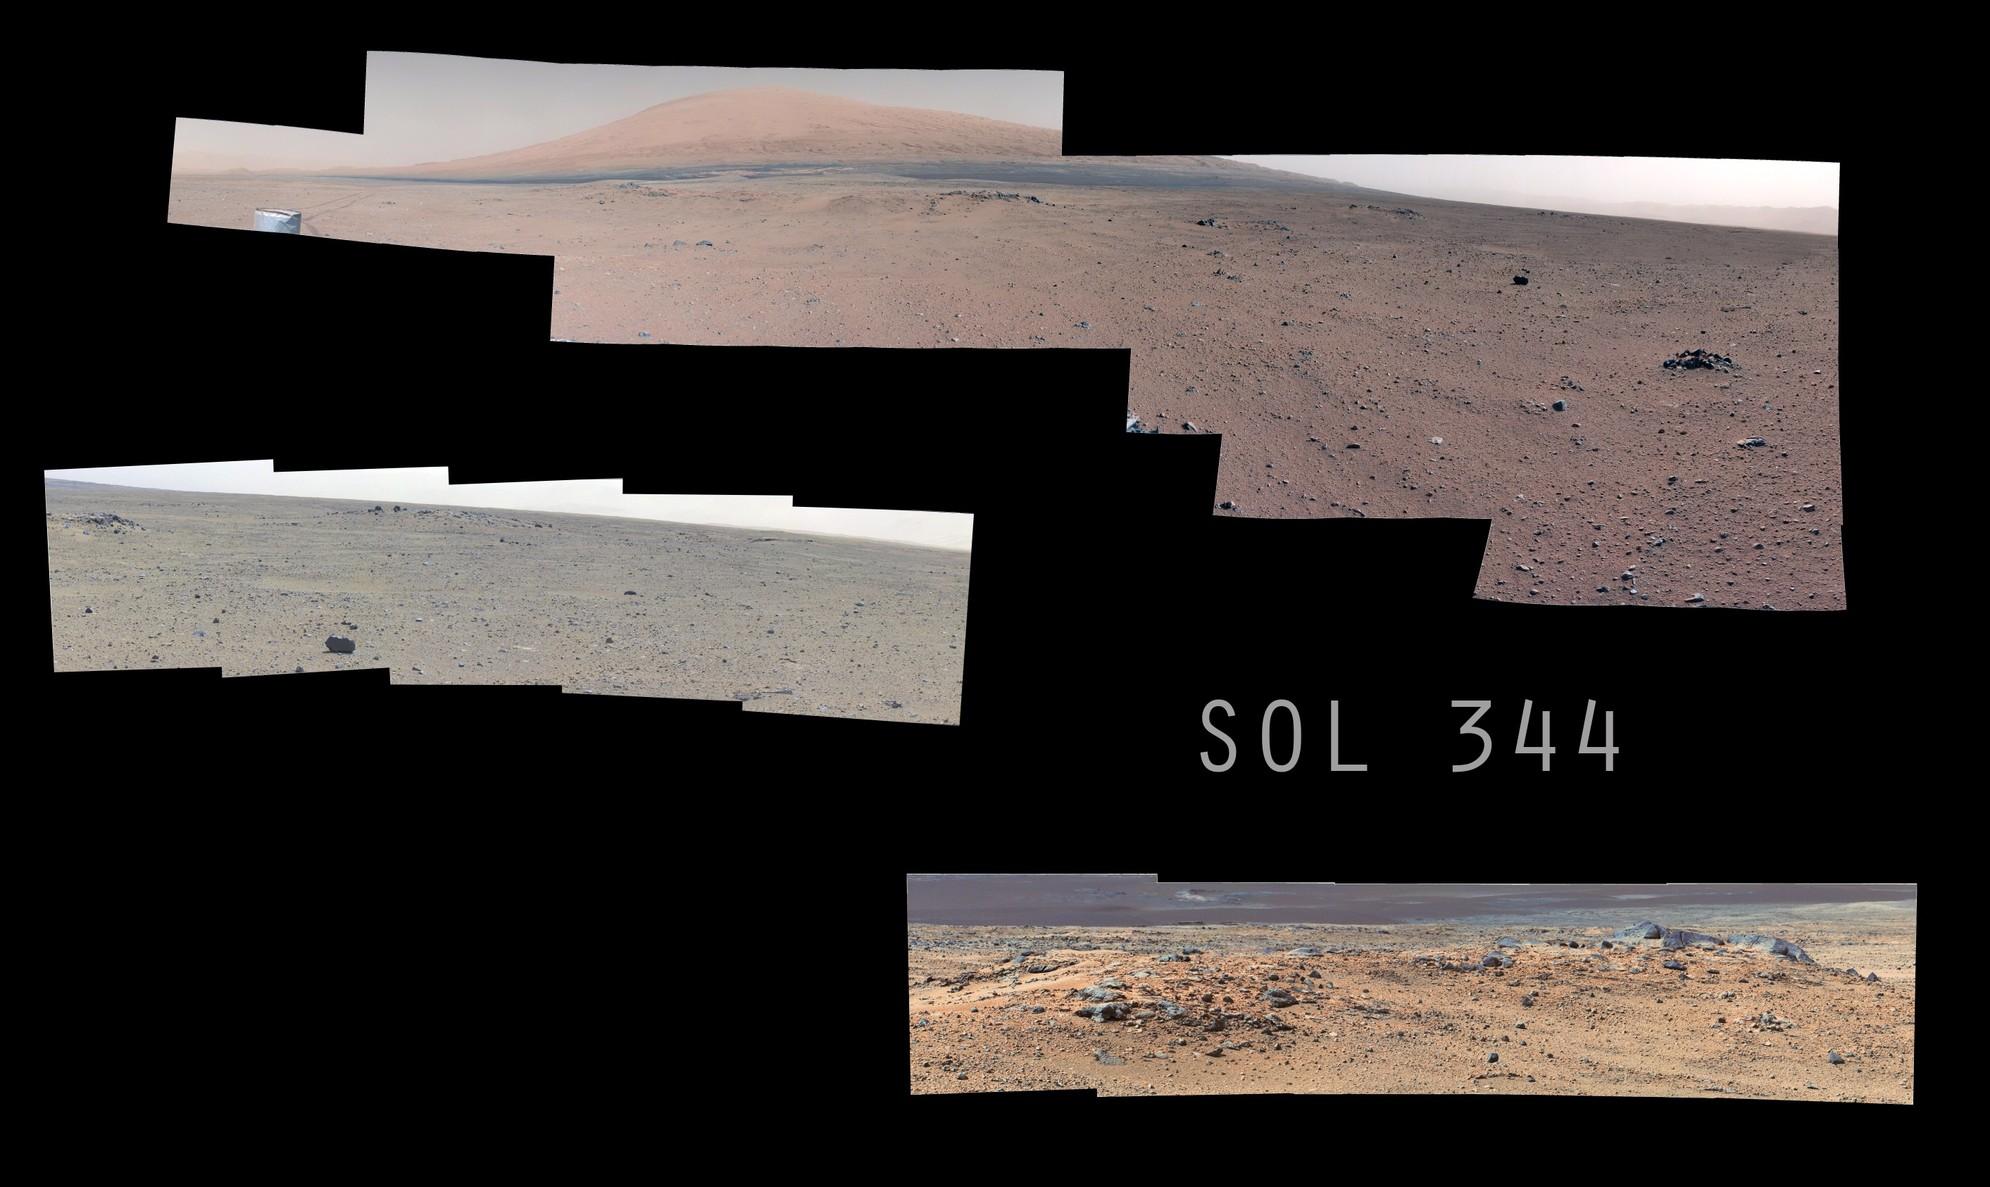 MSL Curiosity - SOL 344 Composite